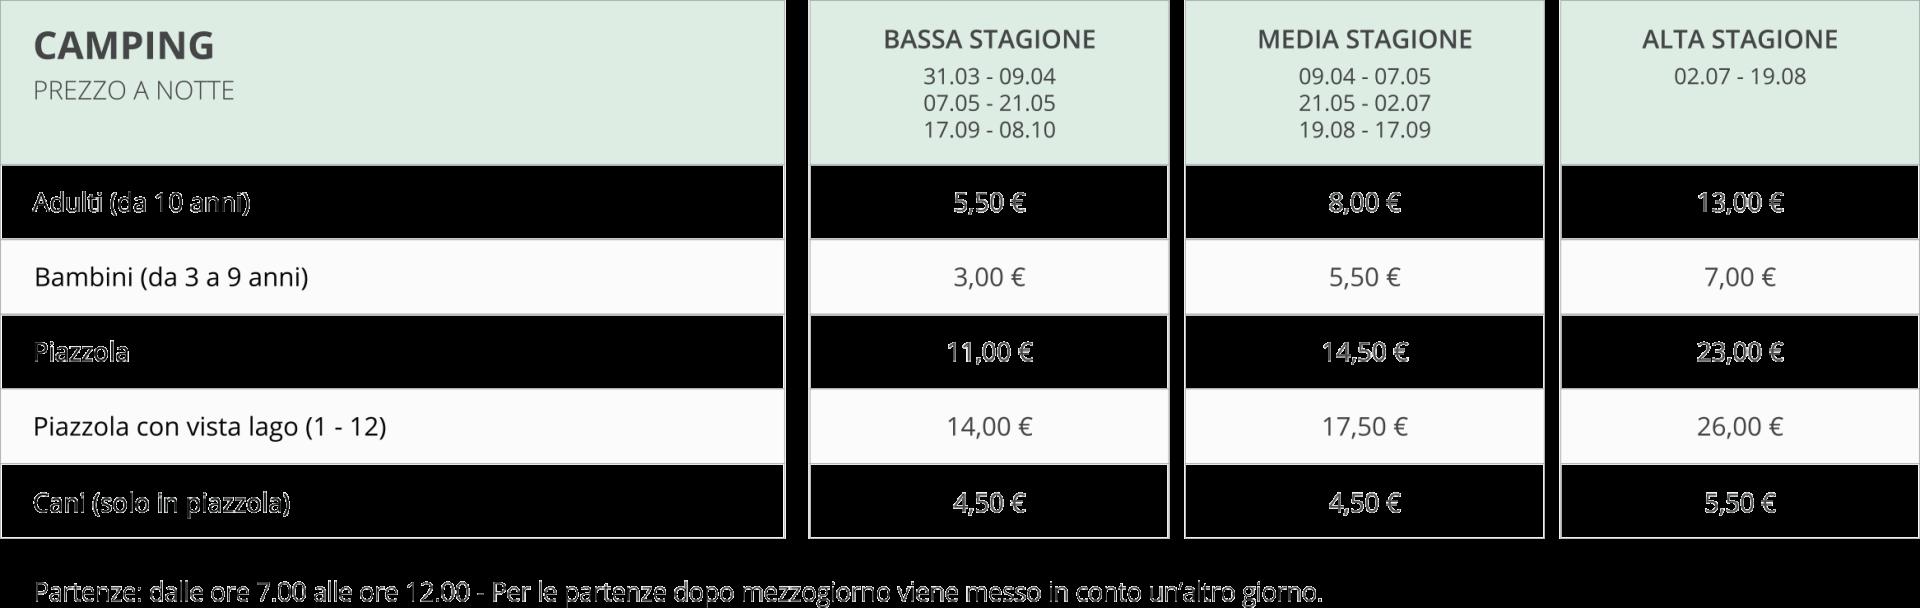 PiazzoleITA2016